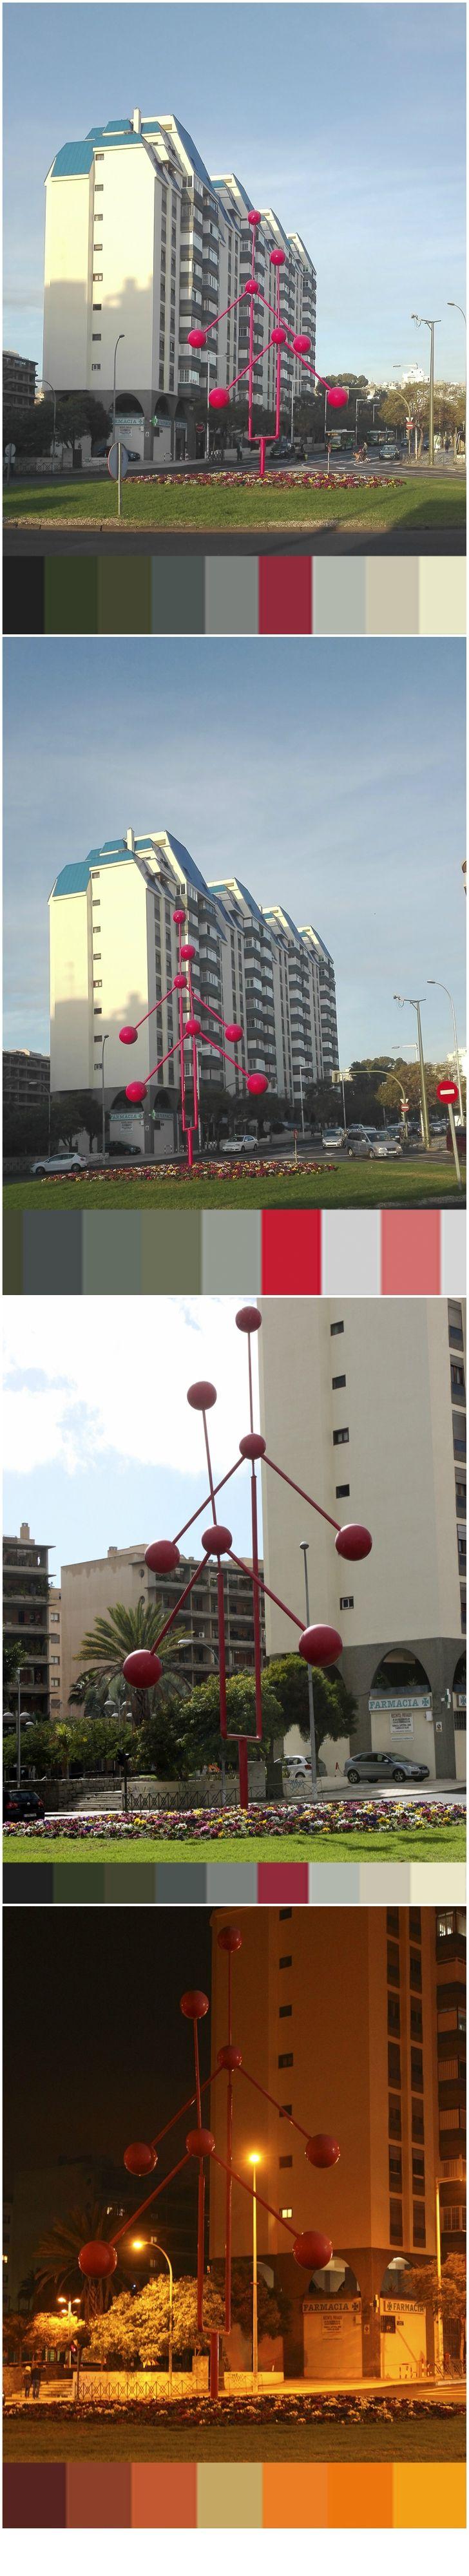 'Móvil' es una obra del escultor Sobrino Ochoa, uno de los creadores del movimiento óptico-cinético del siglo XX, cuyas obras de grandes volúmenes se exponen en espacios públicos urbanos de todo el mundo. La escultura, realizada en hierro pintado en 1973, se encuentra en la plaza de la República Dominicana. La obra tiene 12 metros de altura y es una muestra del arte constructivo.  Fotografías tomadas a las 8:00, 11:00, 15:45 y 19:45 respectivamente (collage) por Desiré Méndez y Aleida…